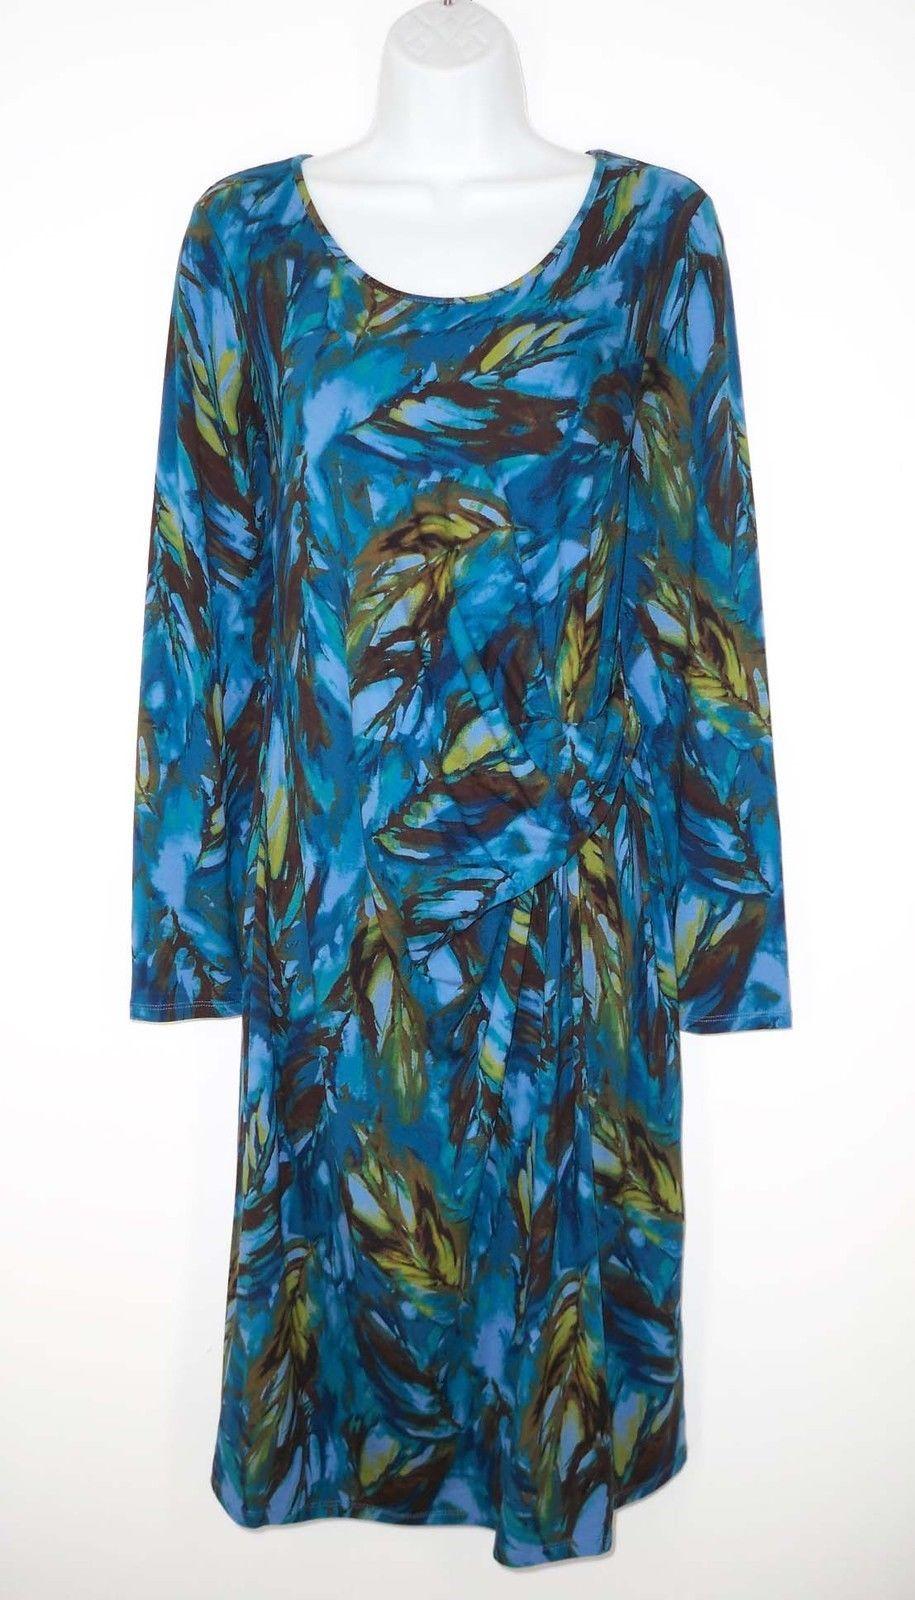 58702d23168 S l1600. S l1600. Previous. J. Jill Wearever M Tall Medium Faux Wrap Dress  Feather Print Knot Twist Detail